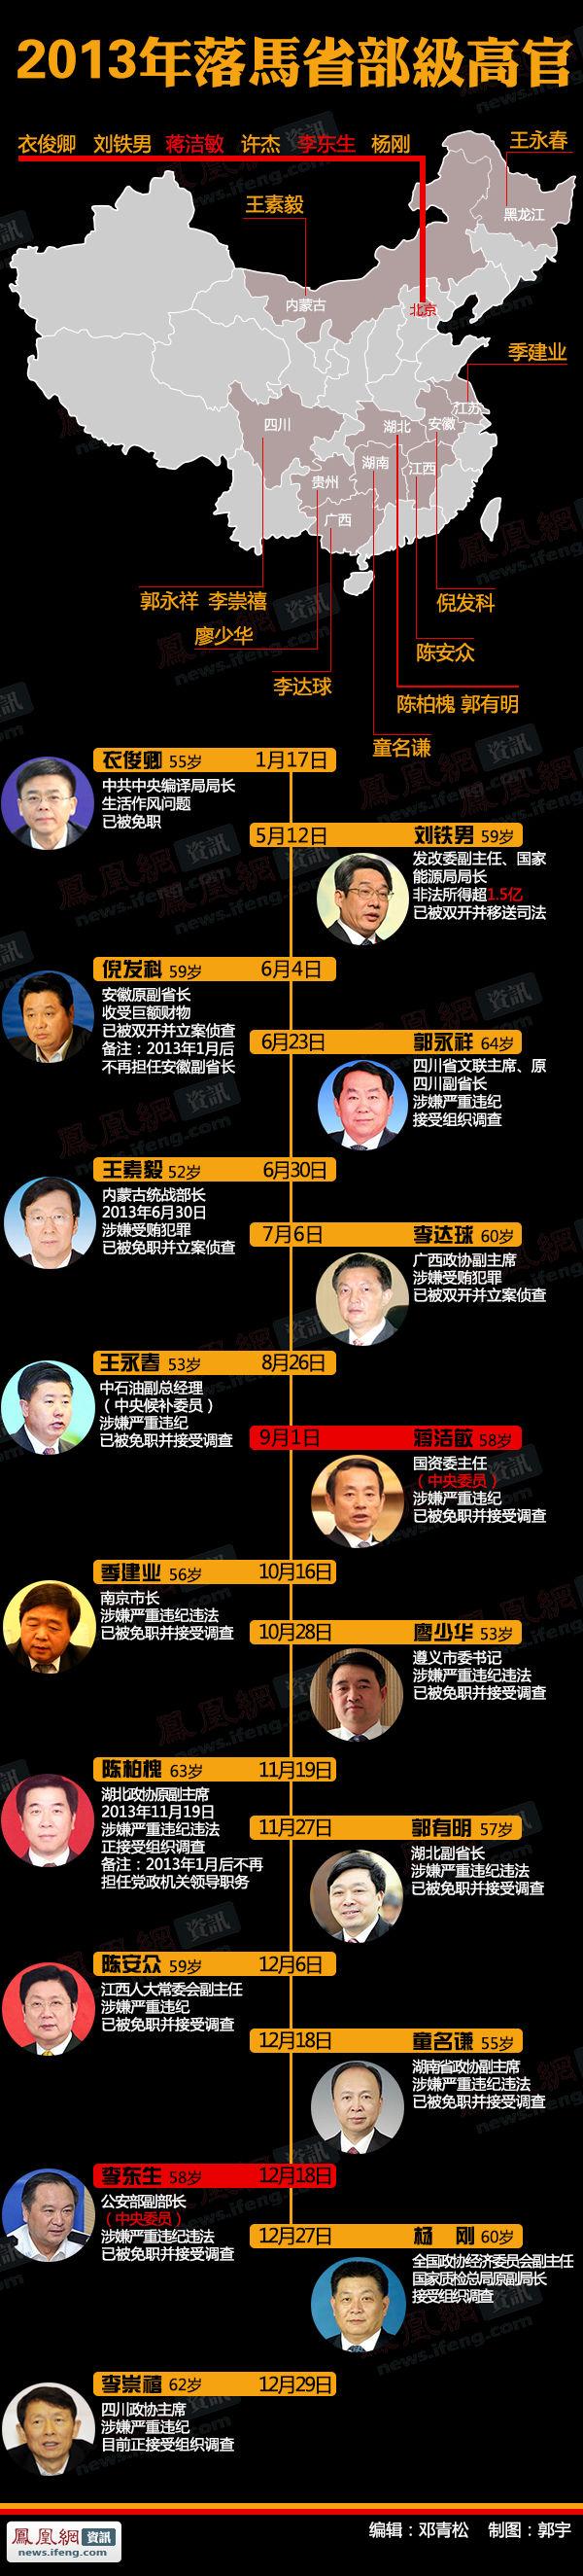 盘点2013年落马的省部级官员 - 江湖如烟 - 江湖独行侠